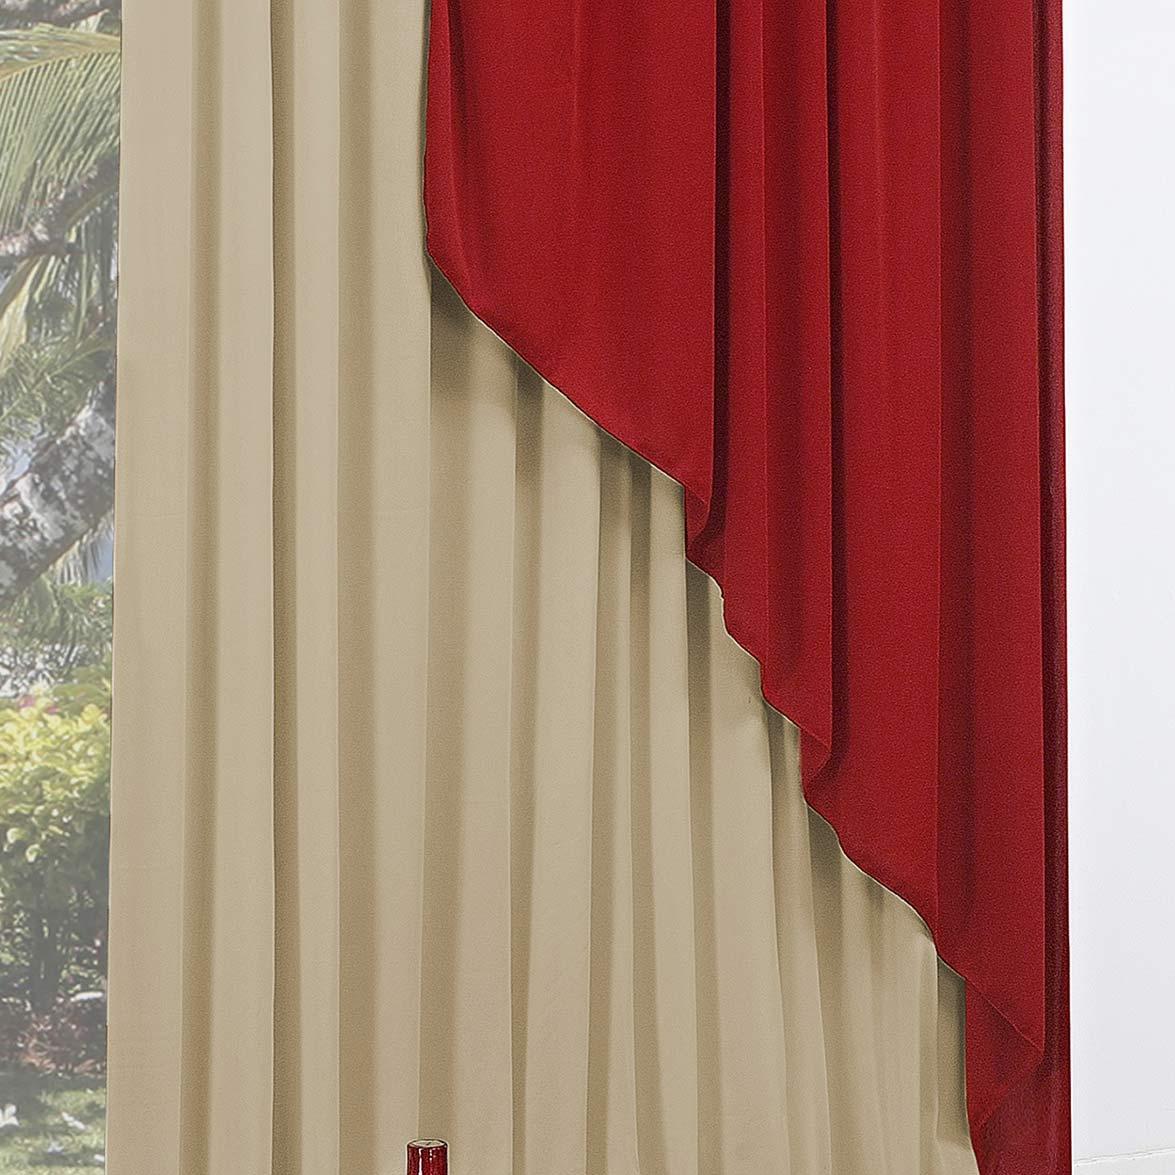 Cortina 4 metros Sensação Vermelho em Poliéster com 1 peça